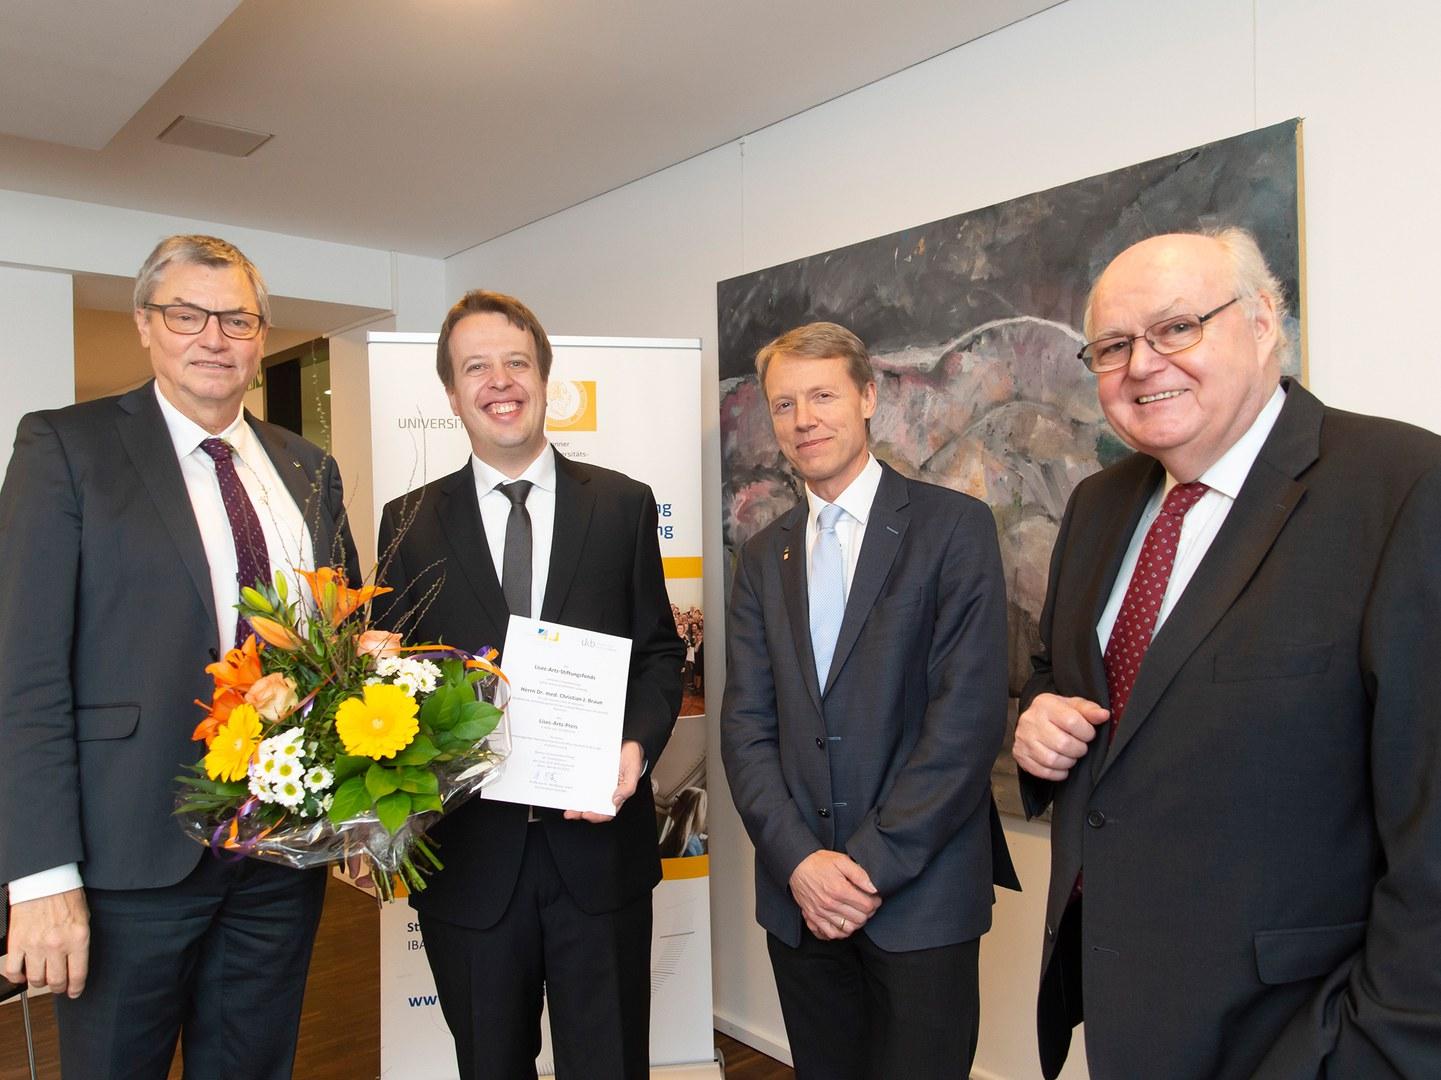 Übergabe des Lisec-Artz-Preises im Bonner Universitätsclub (von links):